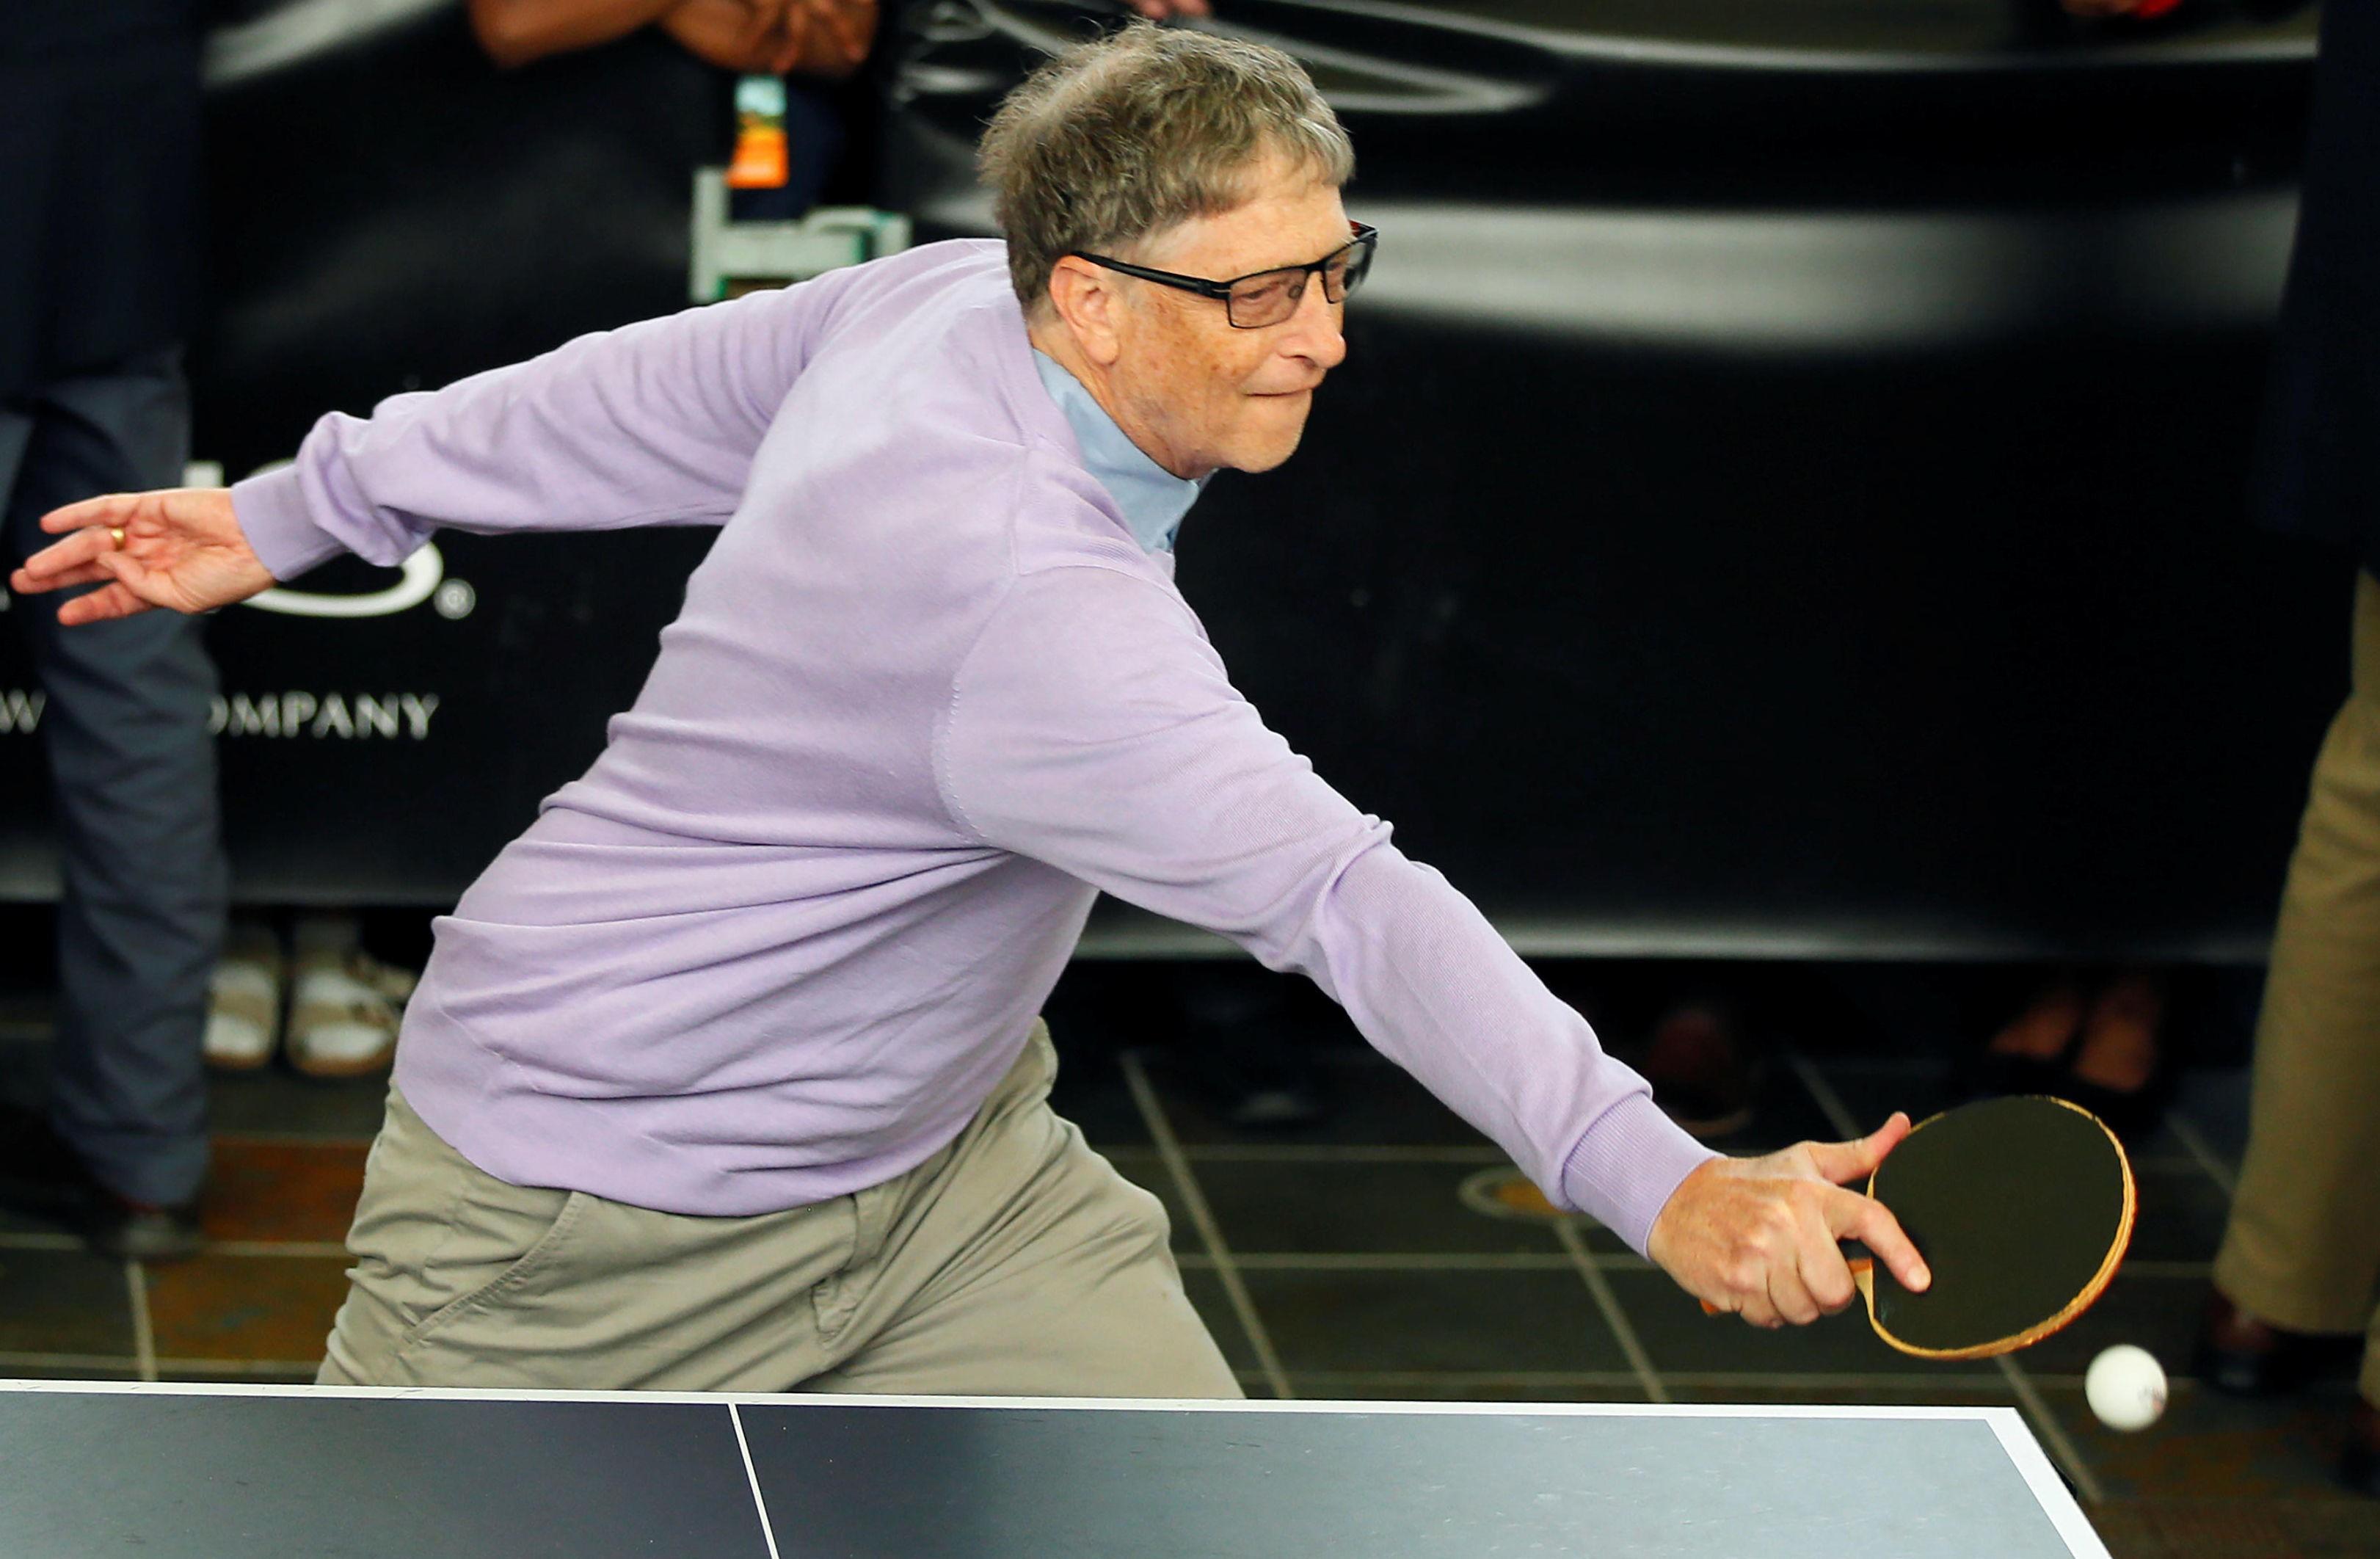 Microsoft-grunnlegger Bill Gates har blitt styrtrik, men har ikke alltid vært helt på ballen.